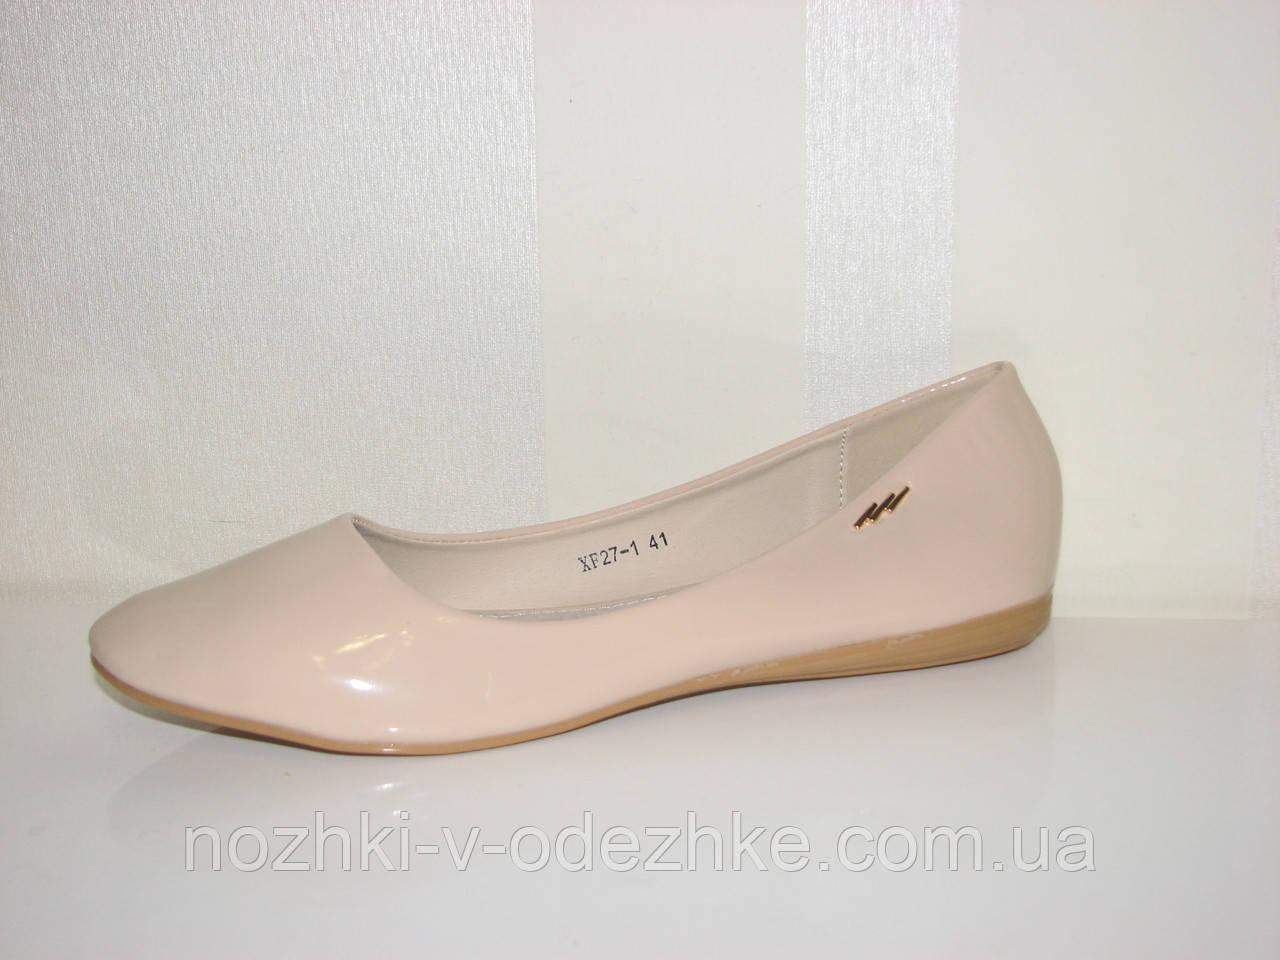 Женские бежевые туфли на низком ходу большого размера 41 42 43 - Интернет  магазин